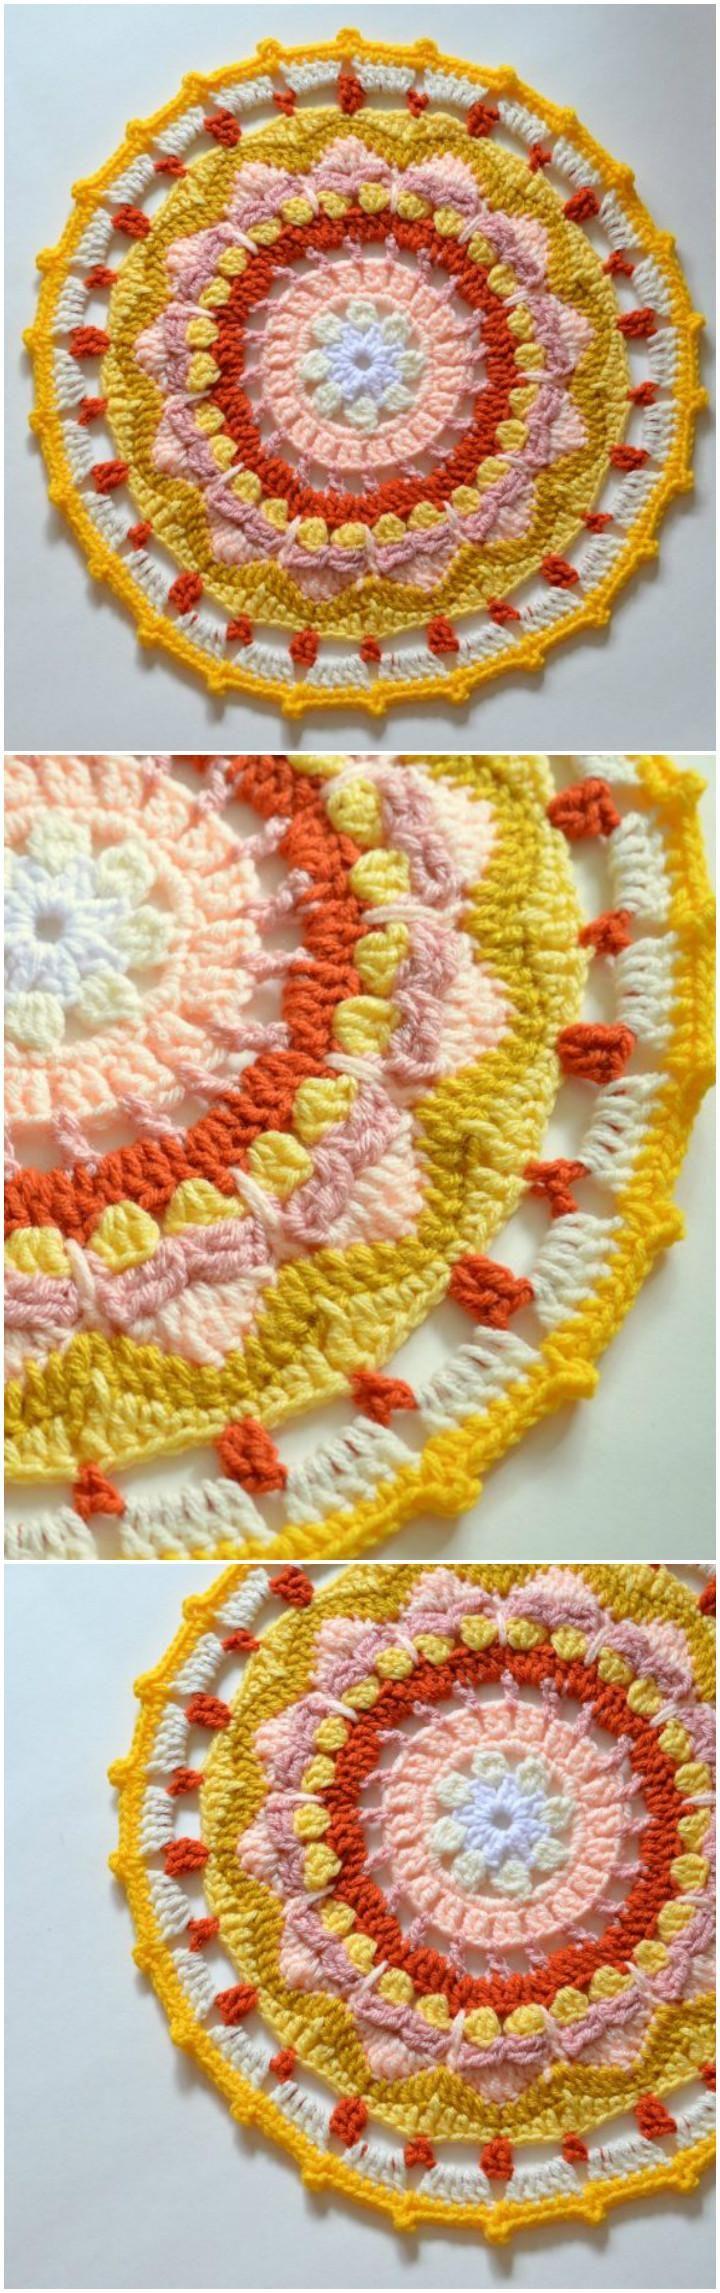 60+ Free Crochet Mandala Patterns - Page 11 of 12 - DIY